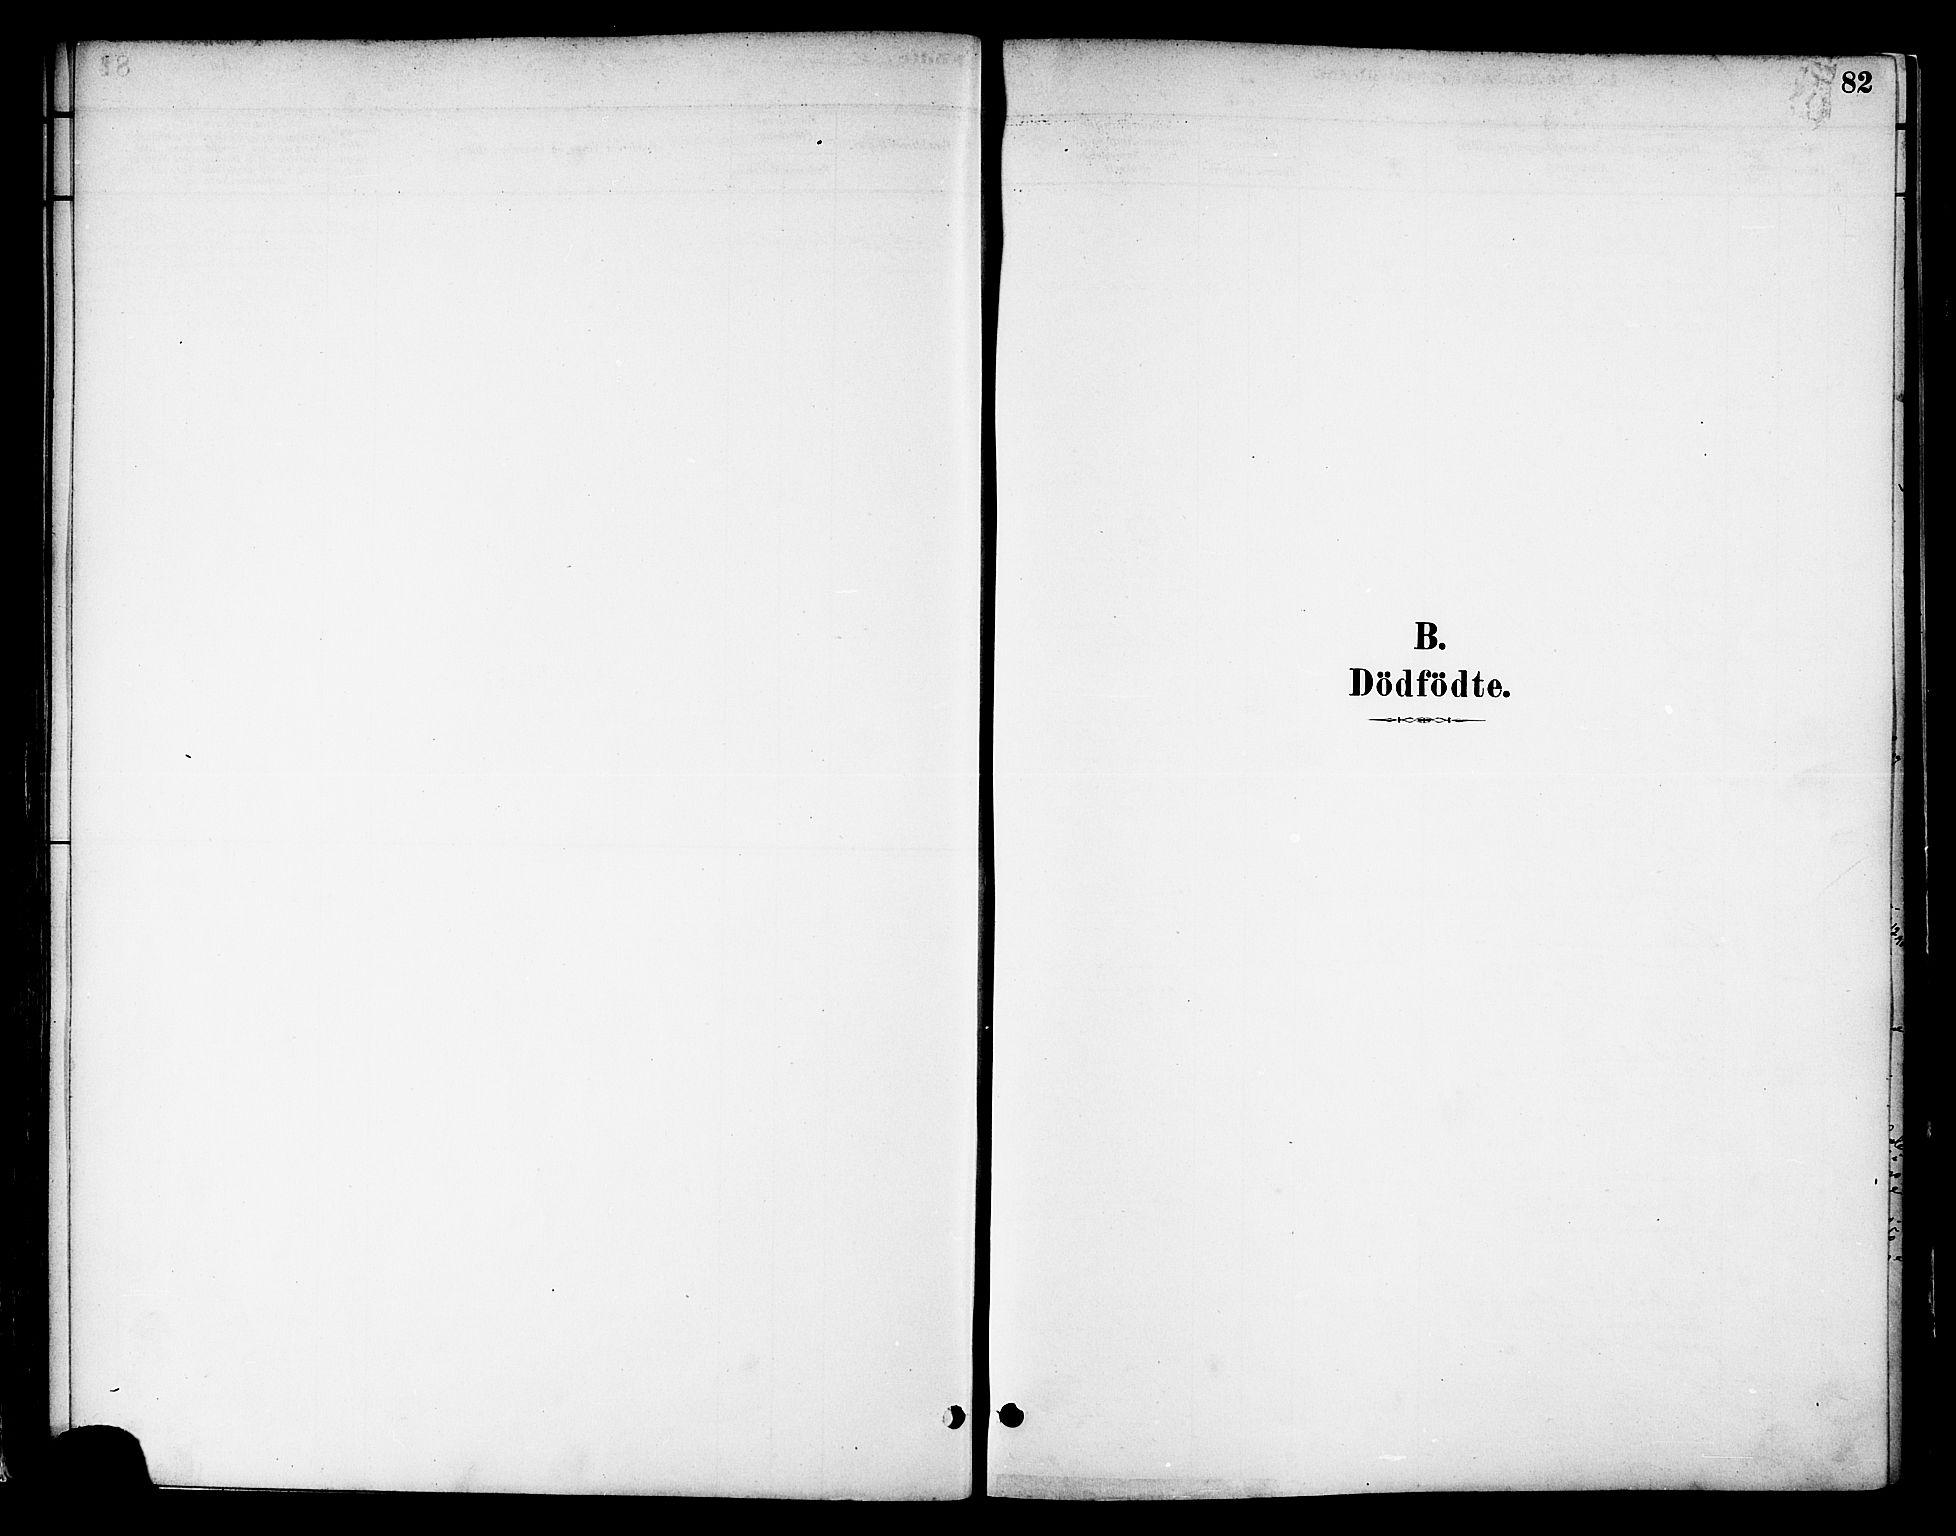 SAT, Ministerialprotokoller, klokkerbøker og fødselsregistre - Nord-Trøndelag, 739/L0371: Ministerialbok nr. 739A03, 1881-1895, s. 82